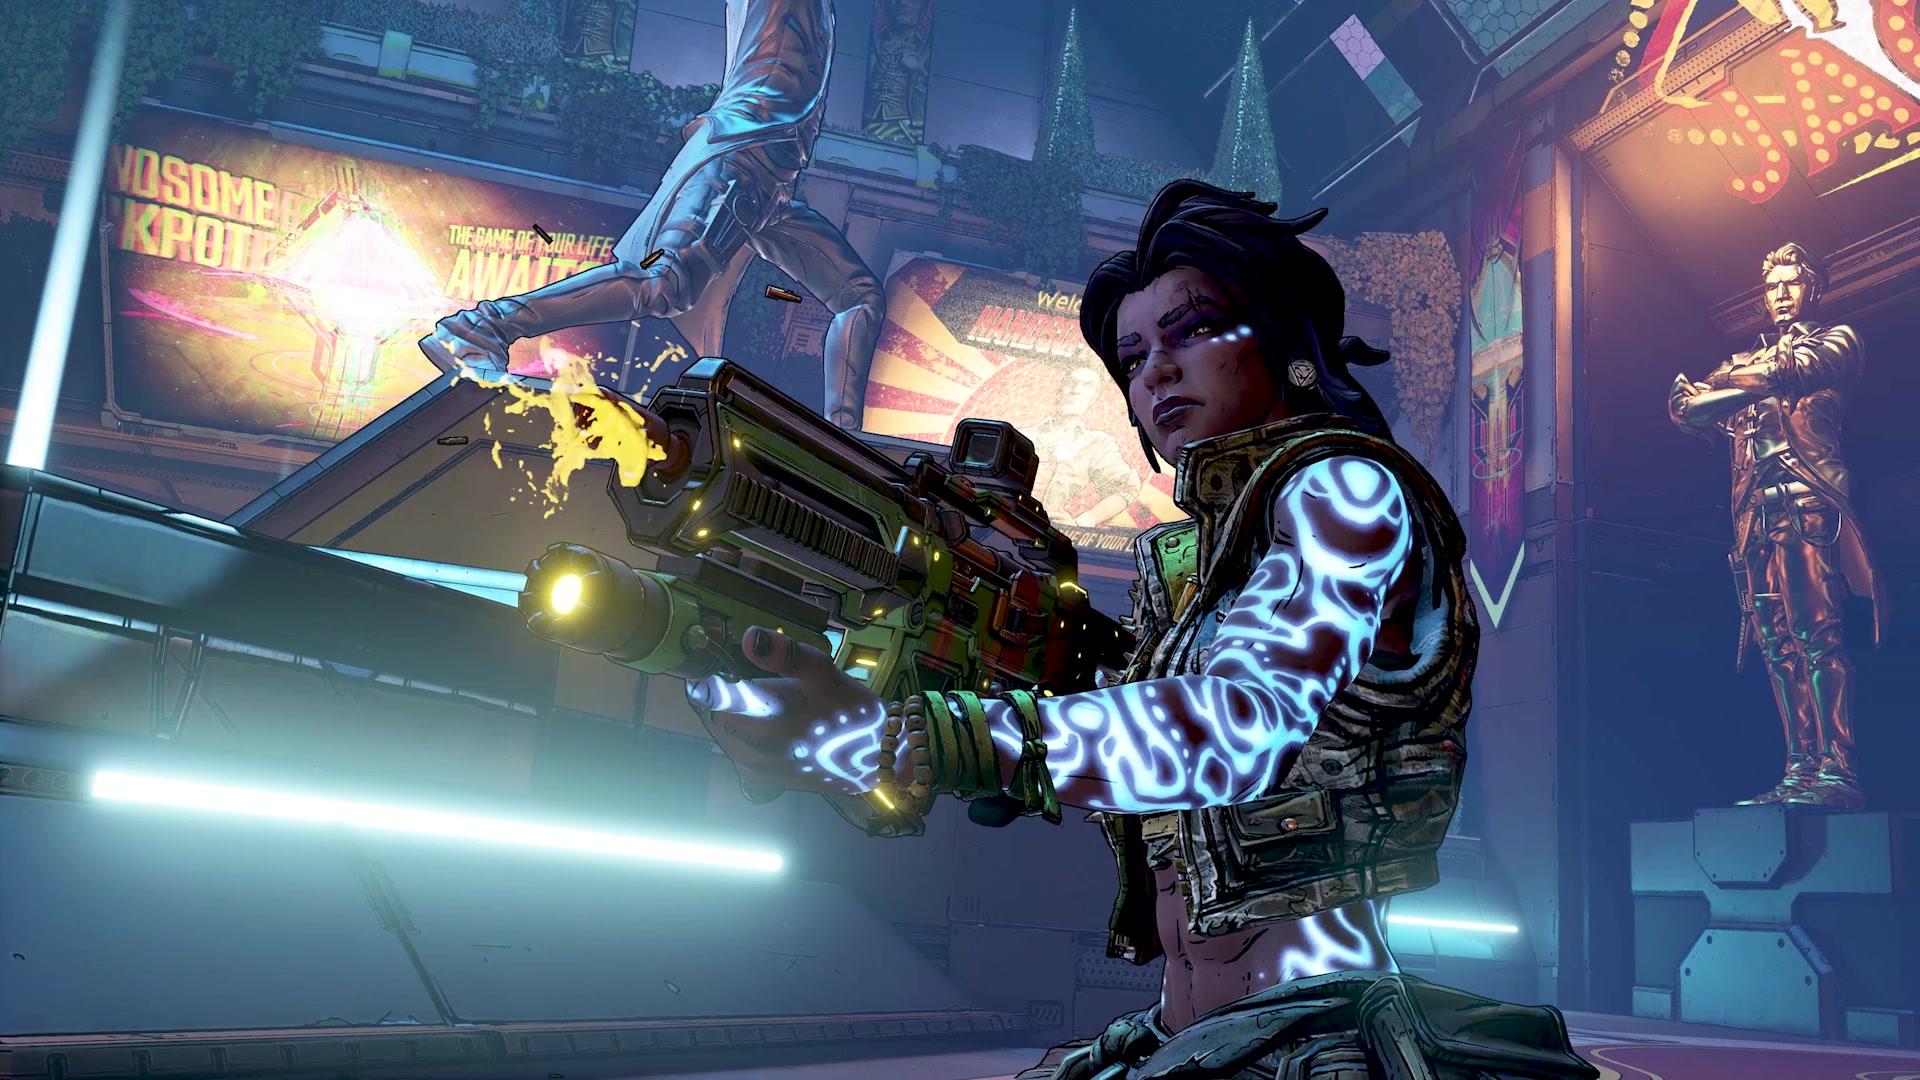 帅杰作抢夺大作战!《无主之地3》首款DLC现已推出